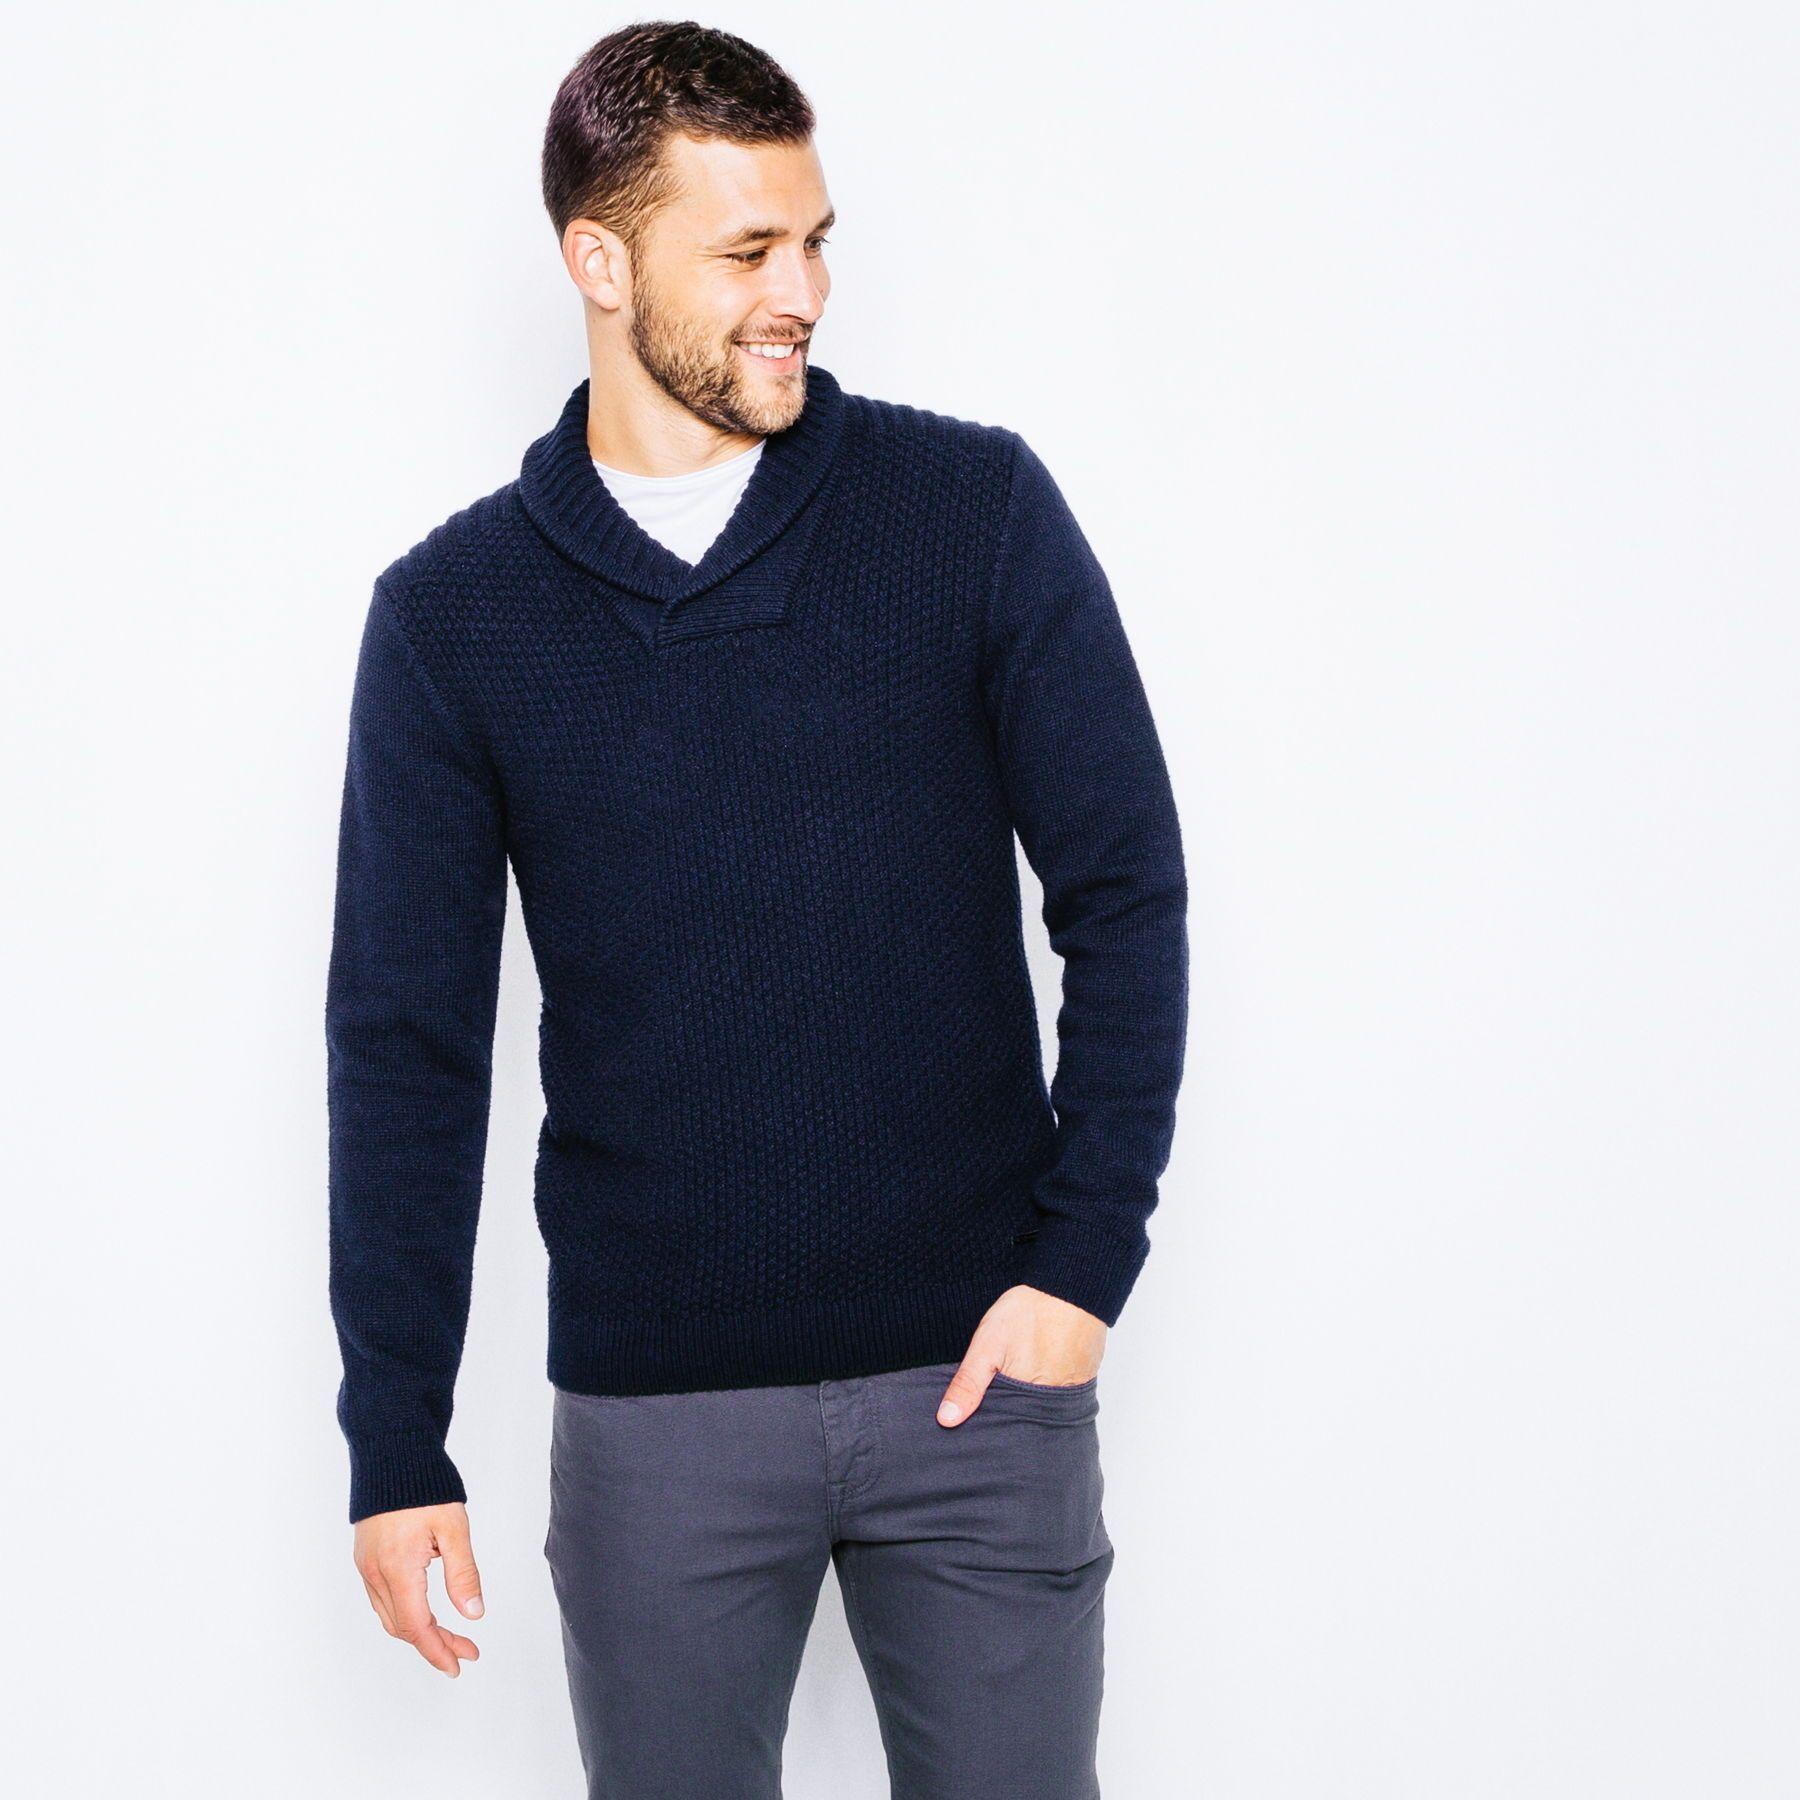 2c1965c48ad1 Pull col châle jeu de point laineux - Vêtement Homme - Bleu